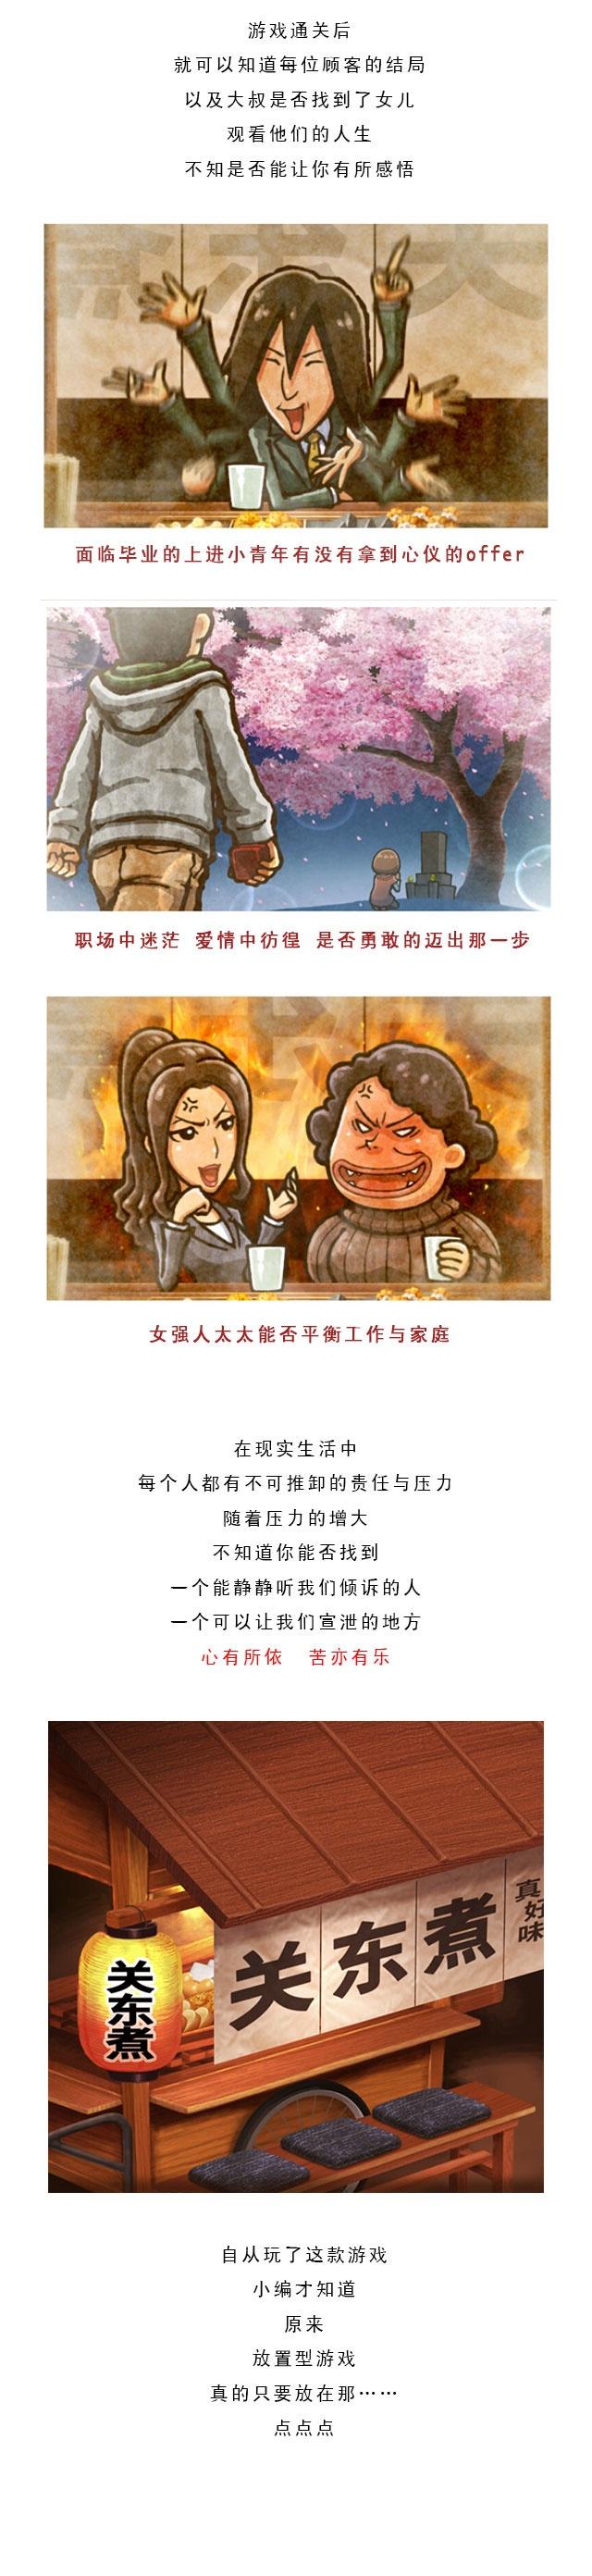 日推_《关东煮店人情故事》_2017